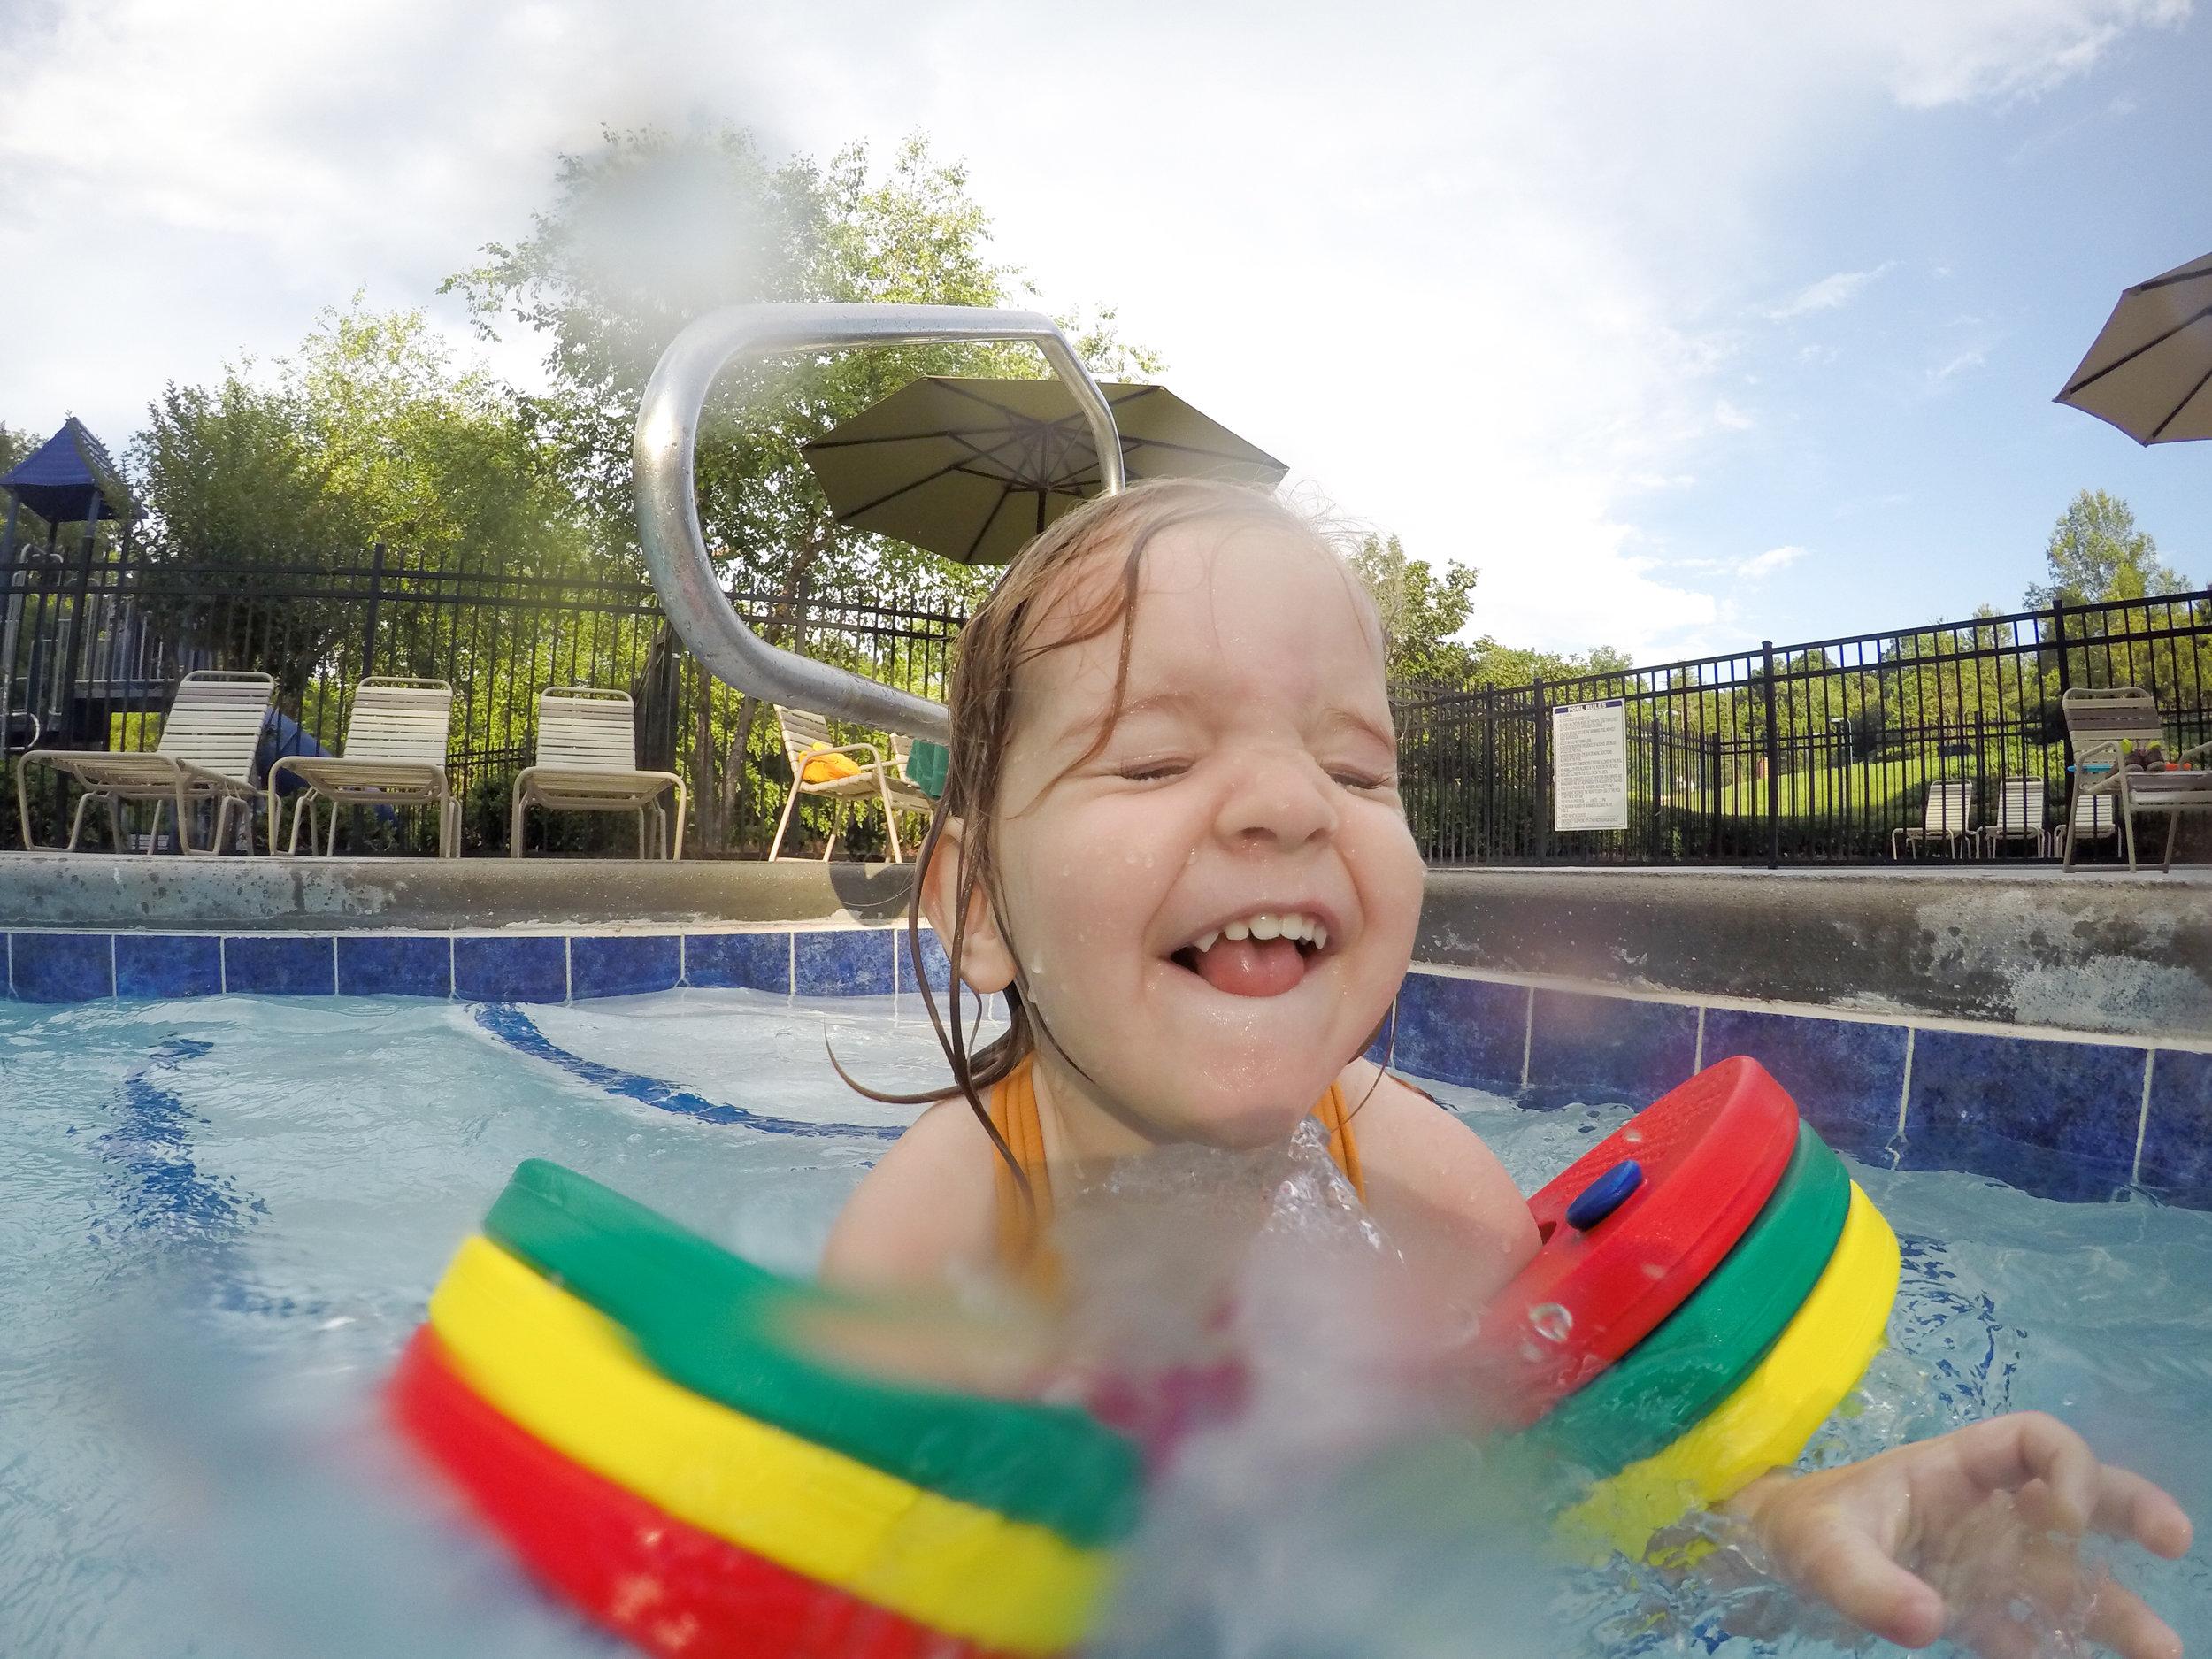 gopro-fun-in-the-pool